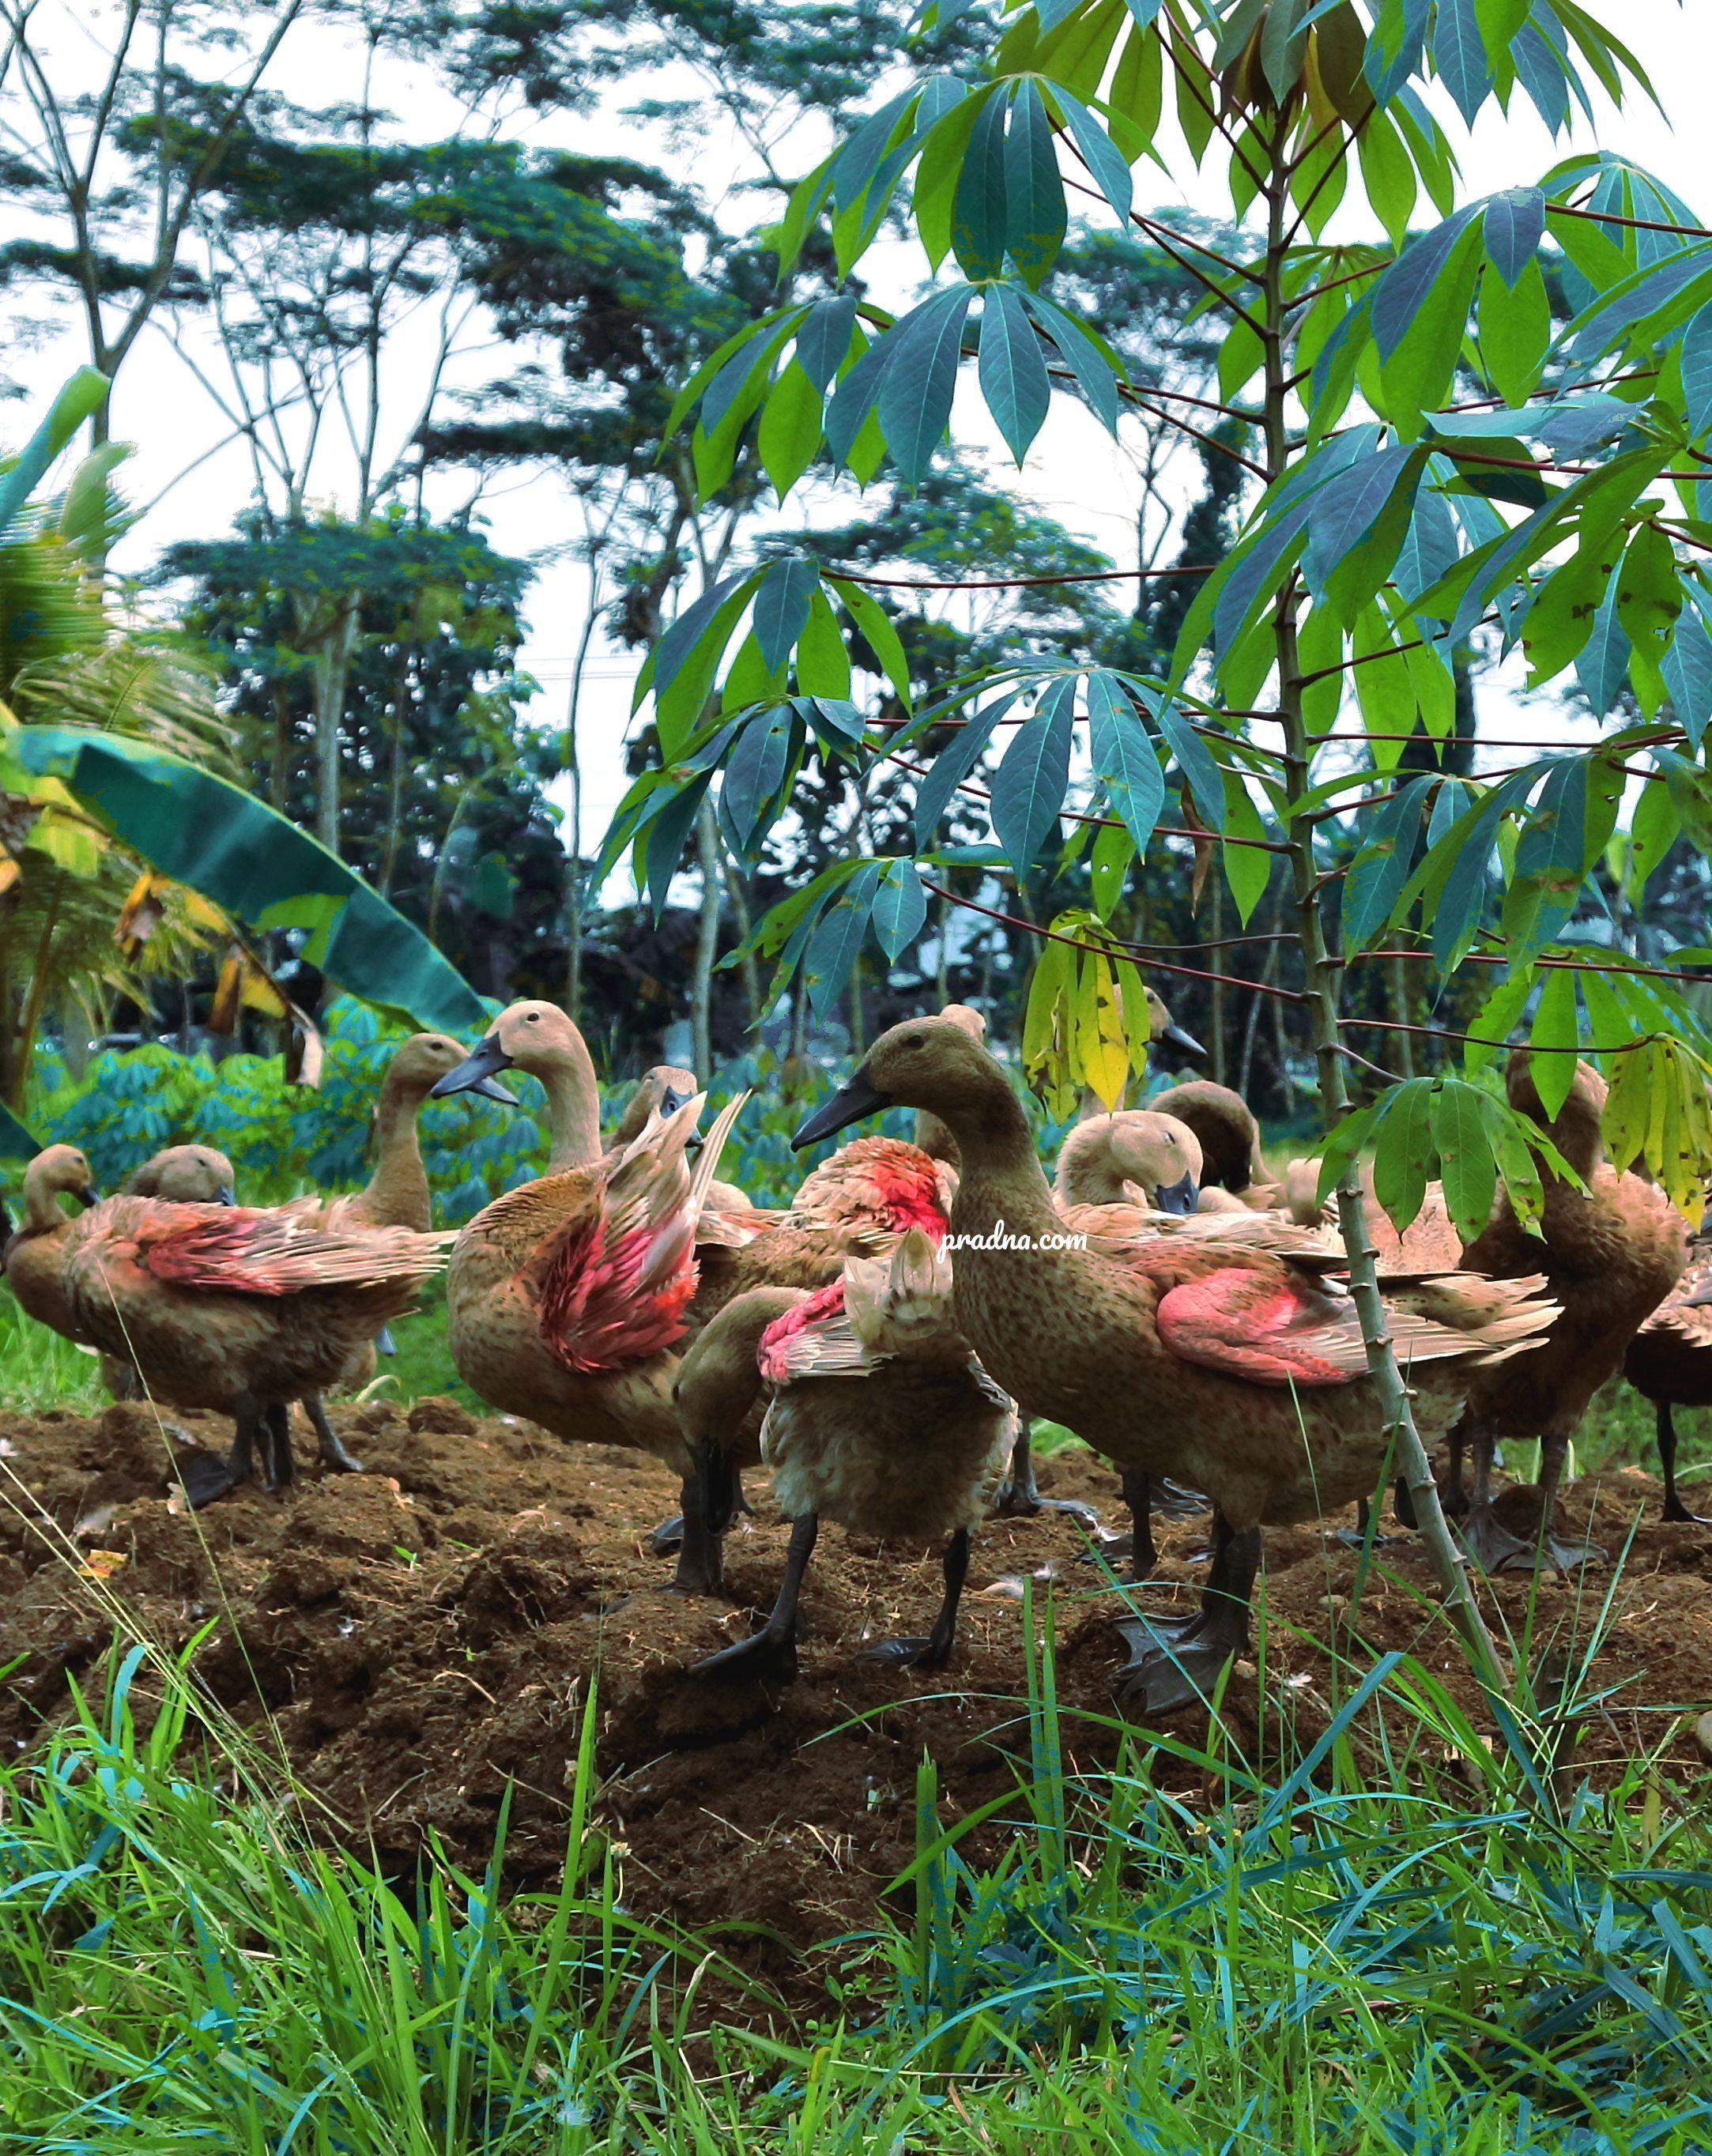 fotografi kawanan bebek desa kejawar banyumas